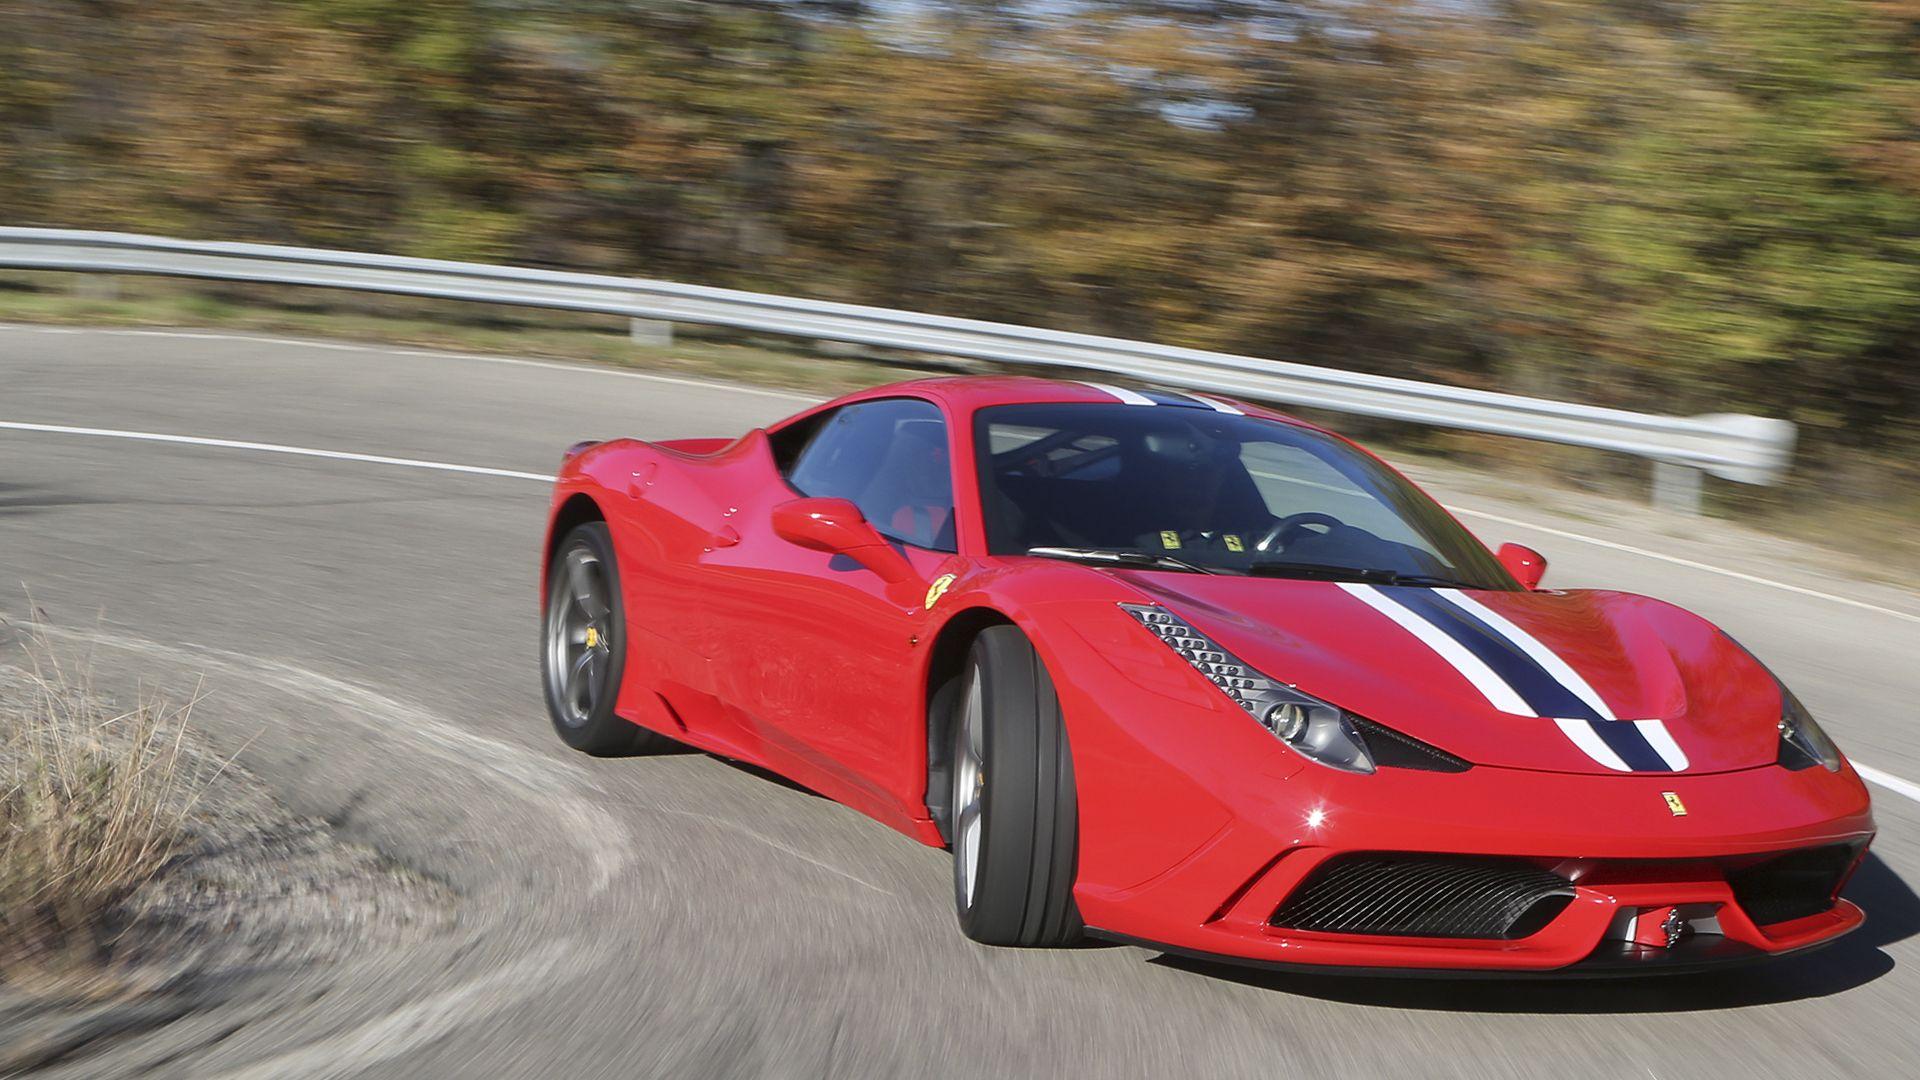 New 2019 Ferrari 458 Speciale A Price Ferrari 458 Speciale Ferrari 458 Ferrari